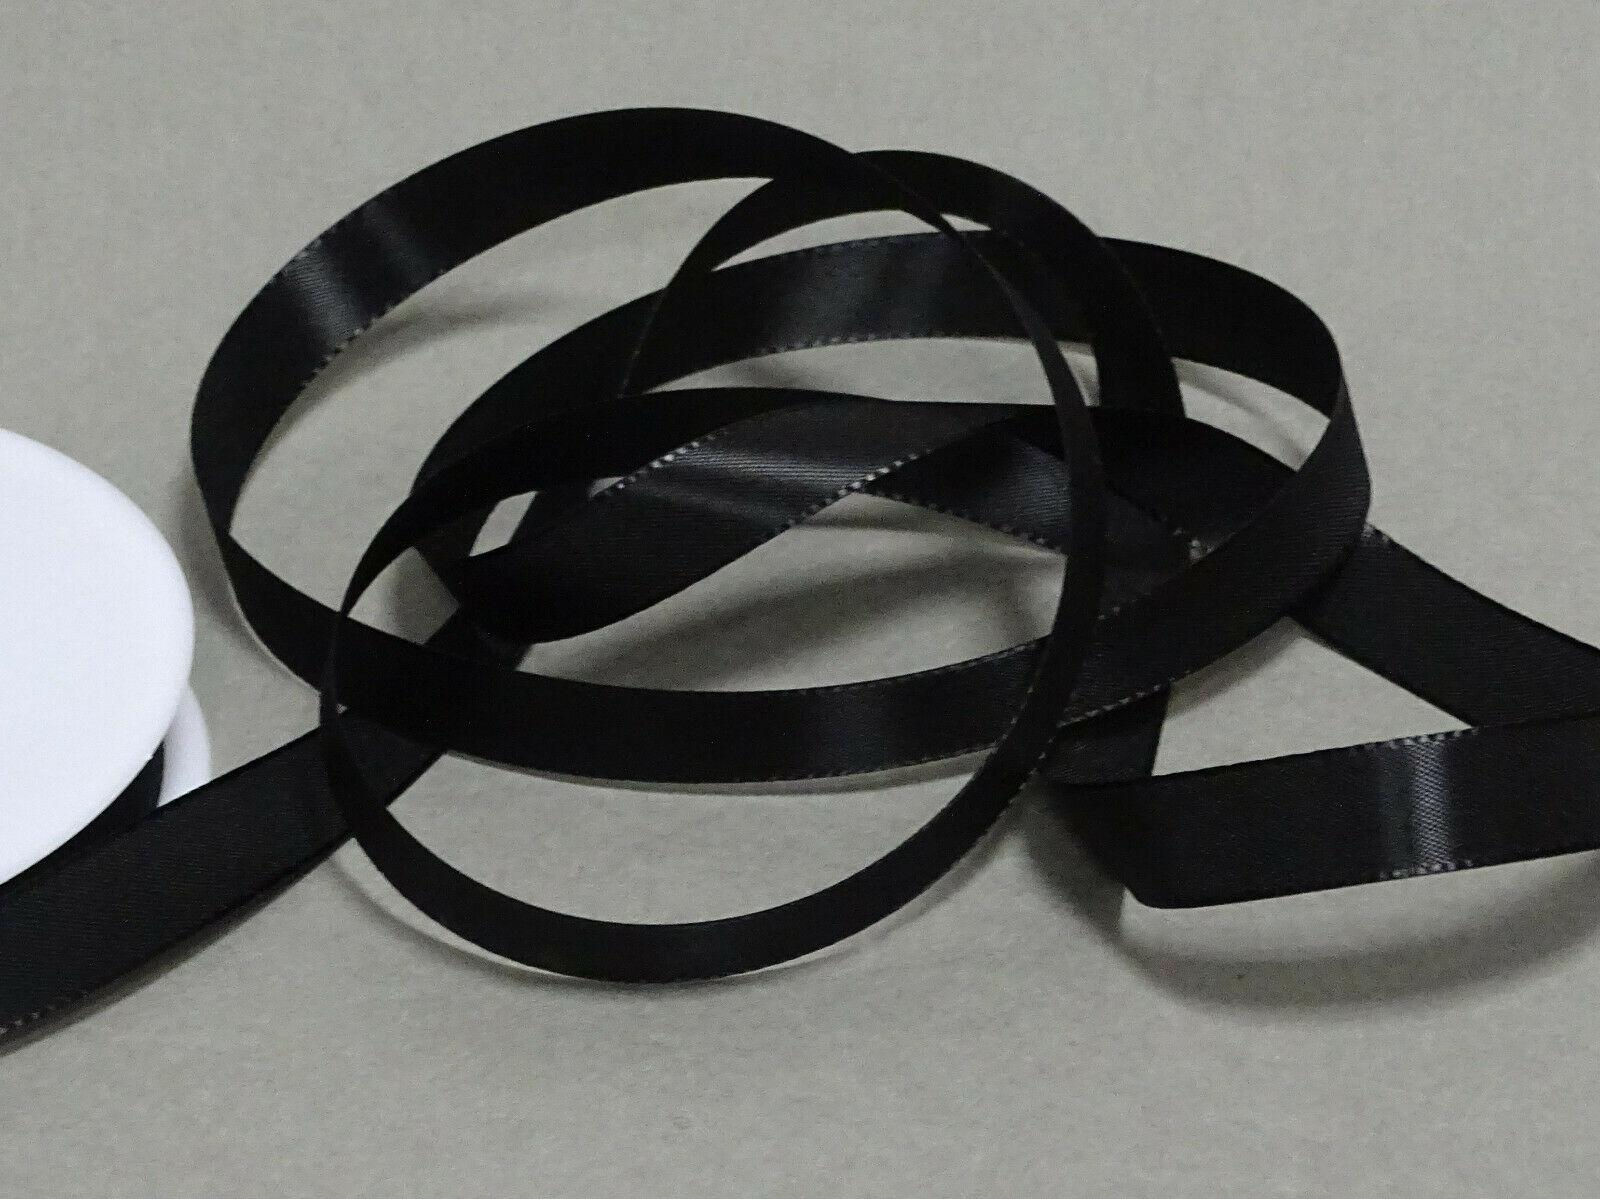 Seidenband Schleifenband 50 m x 15 / 25 / 40mm Dekoband ab 0,08€/m Geschenkband  - Schwarz 113, 40 mm x 50 m